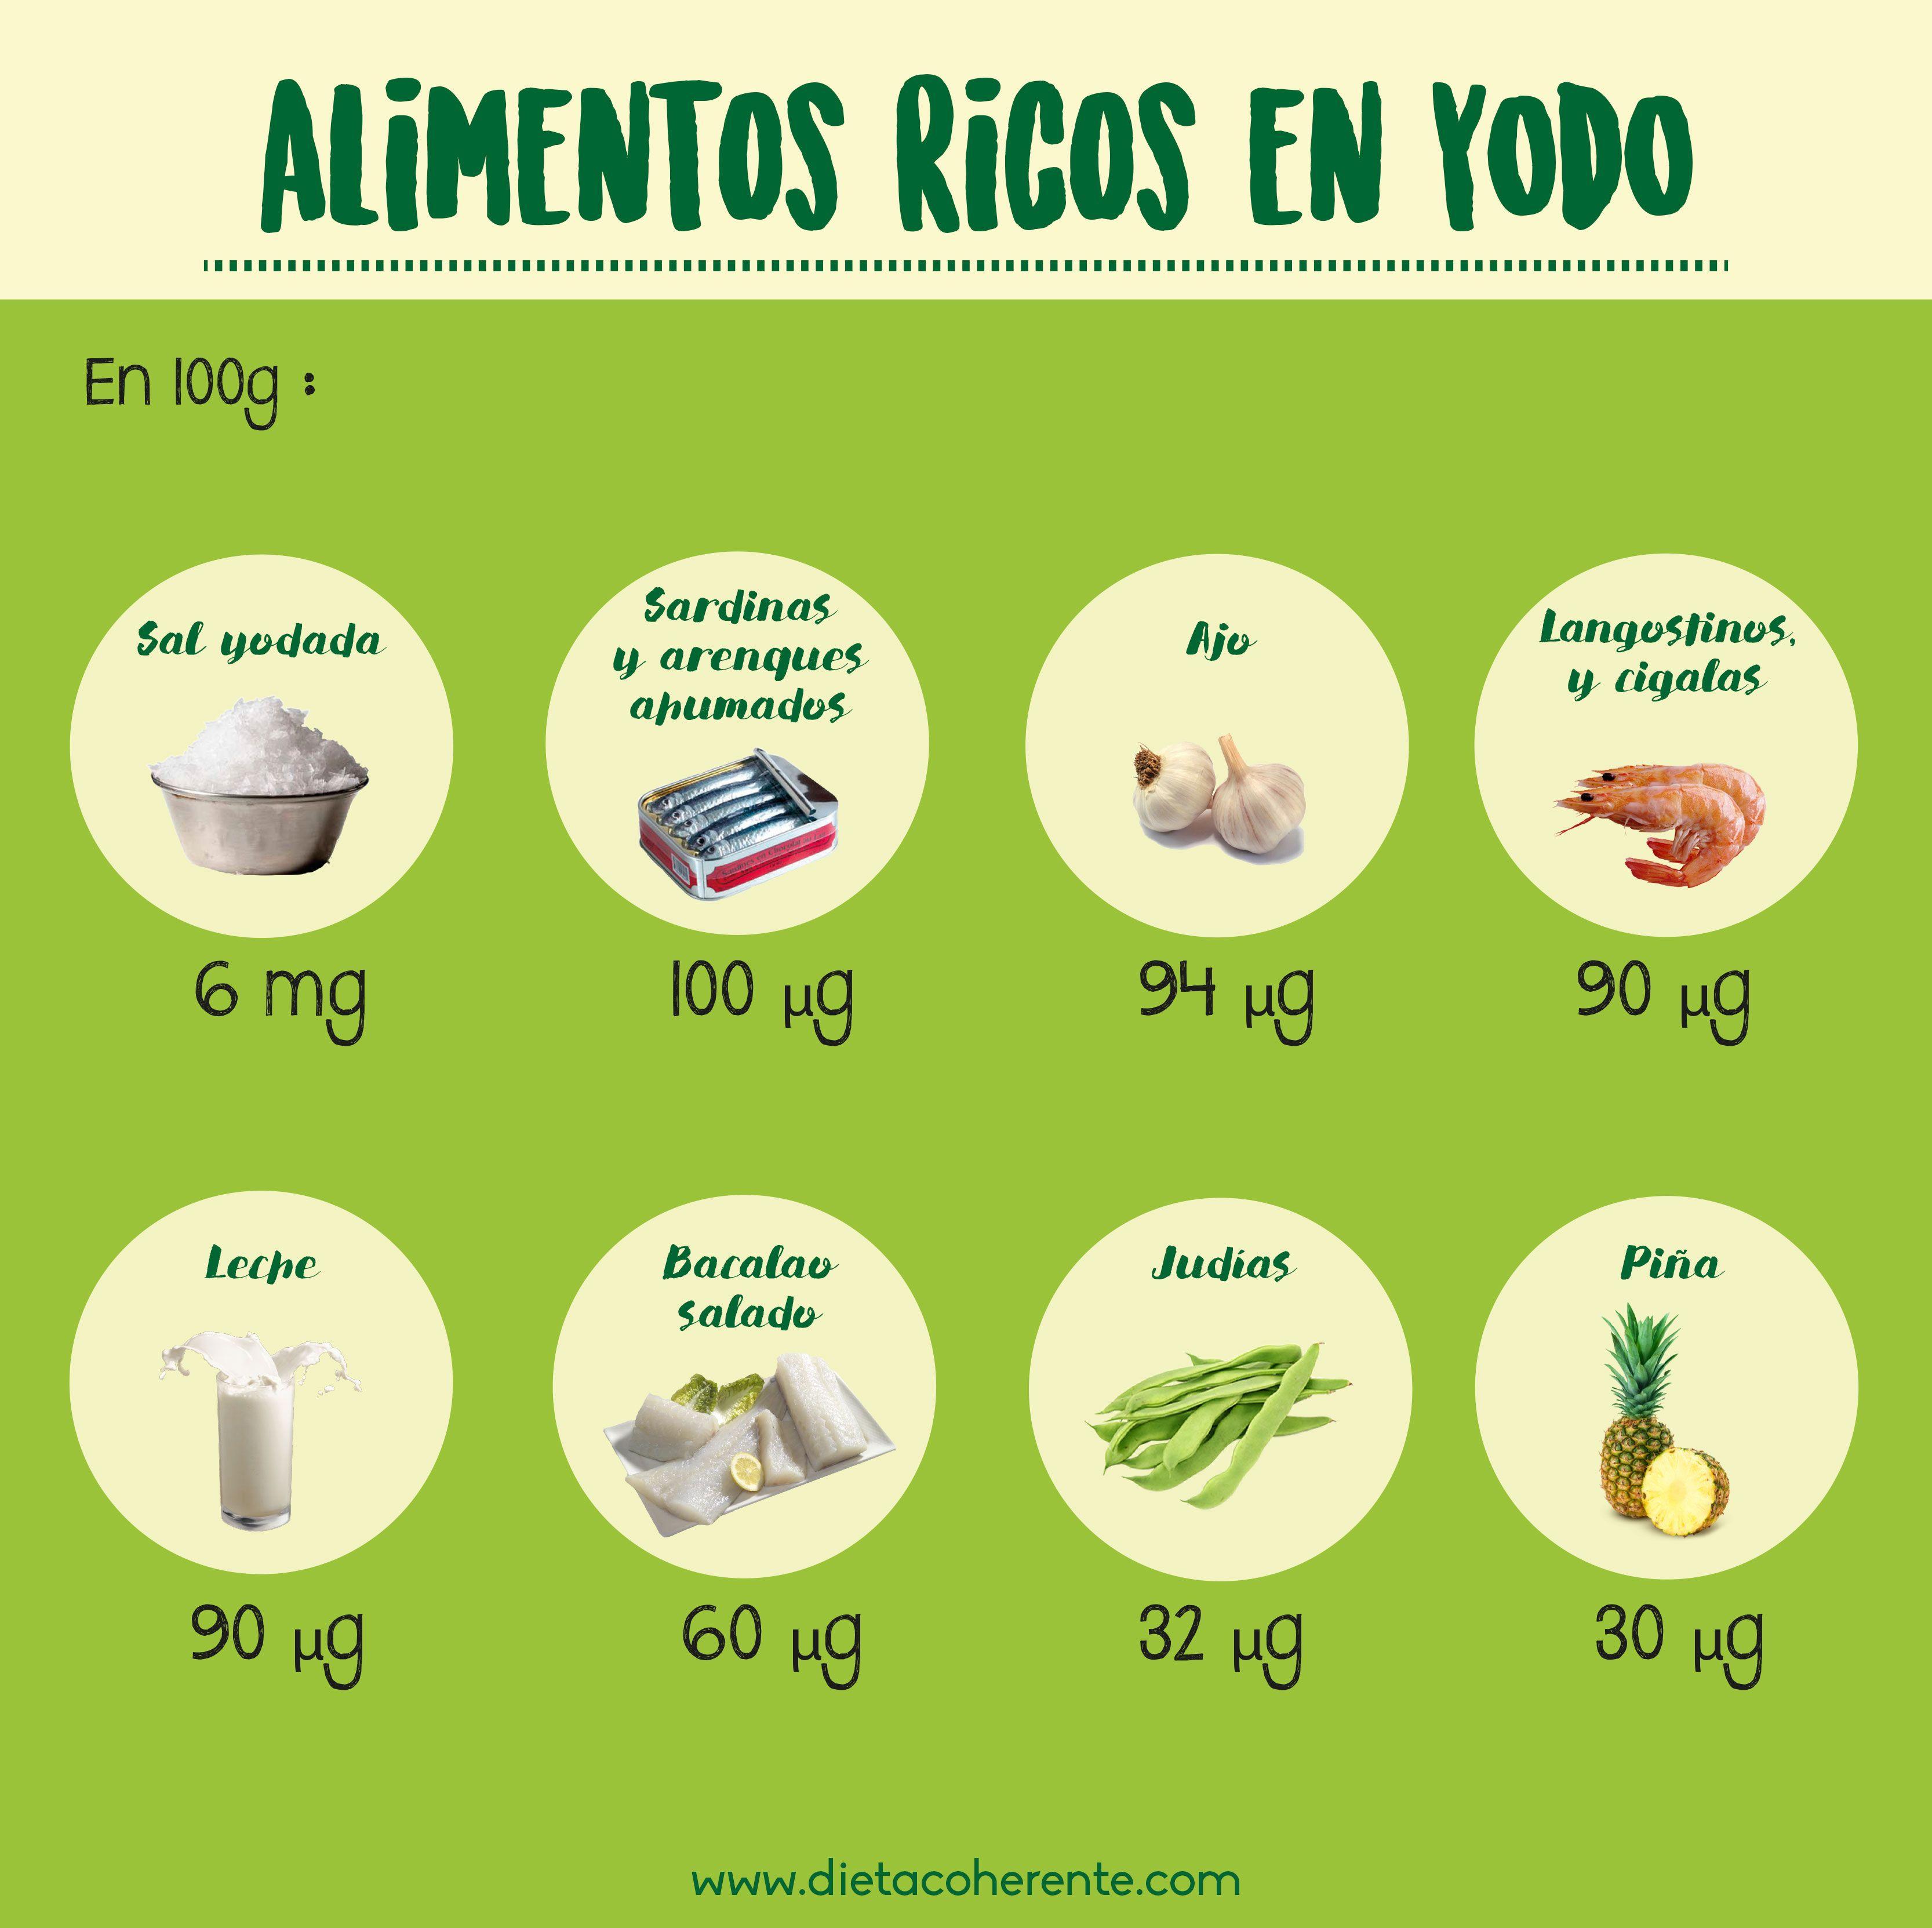 Alimentos ricos en yodo infograf as pinterest - Alimentos ricos en gluten ...